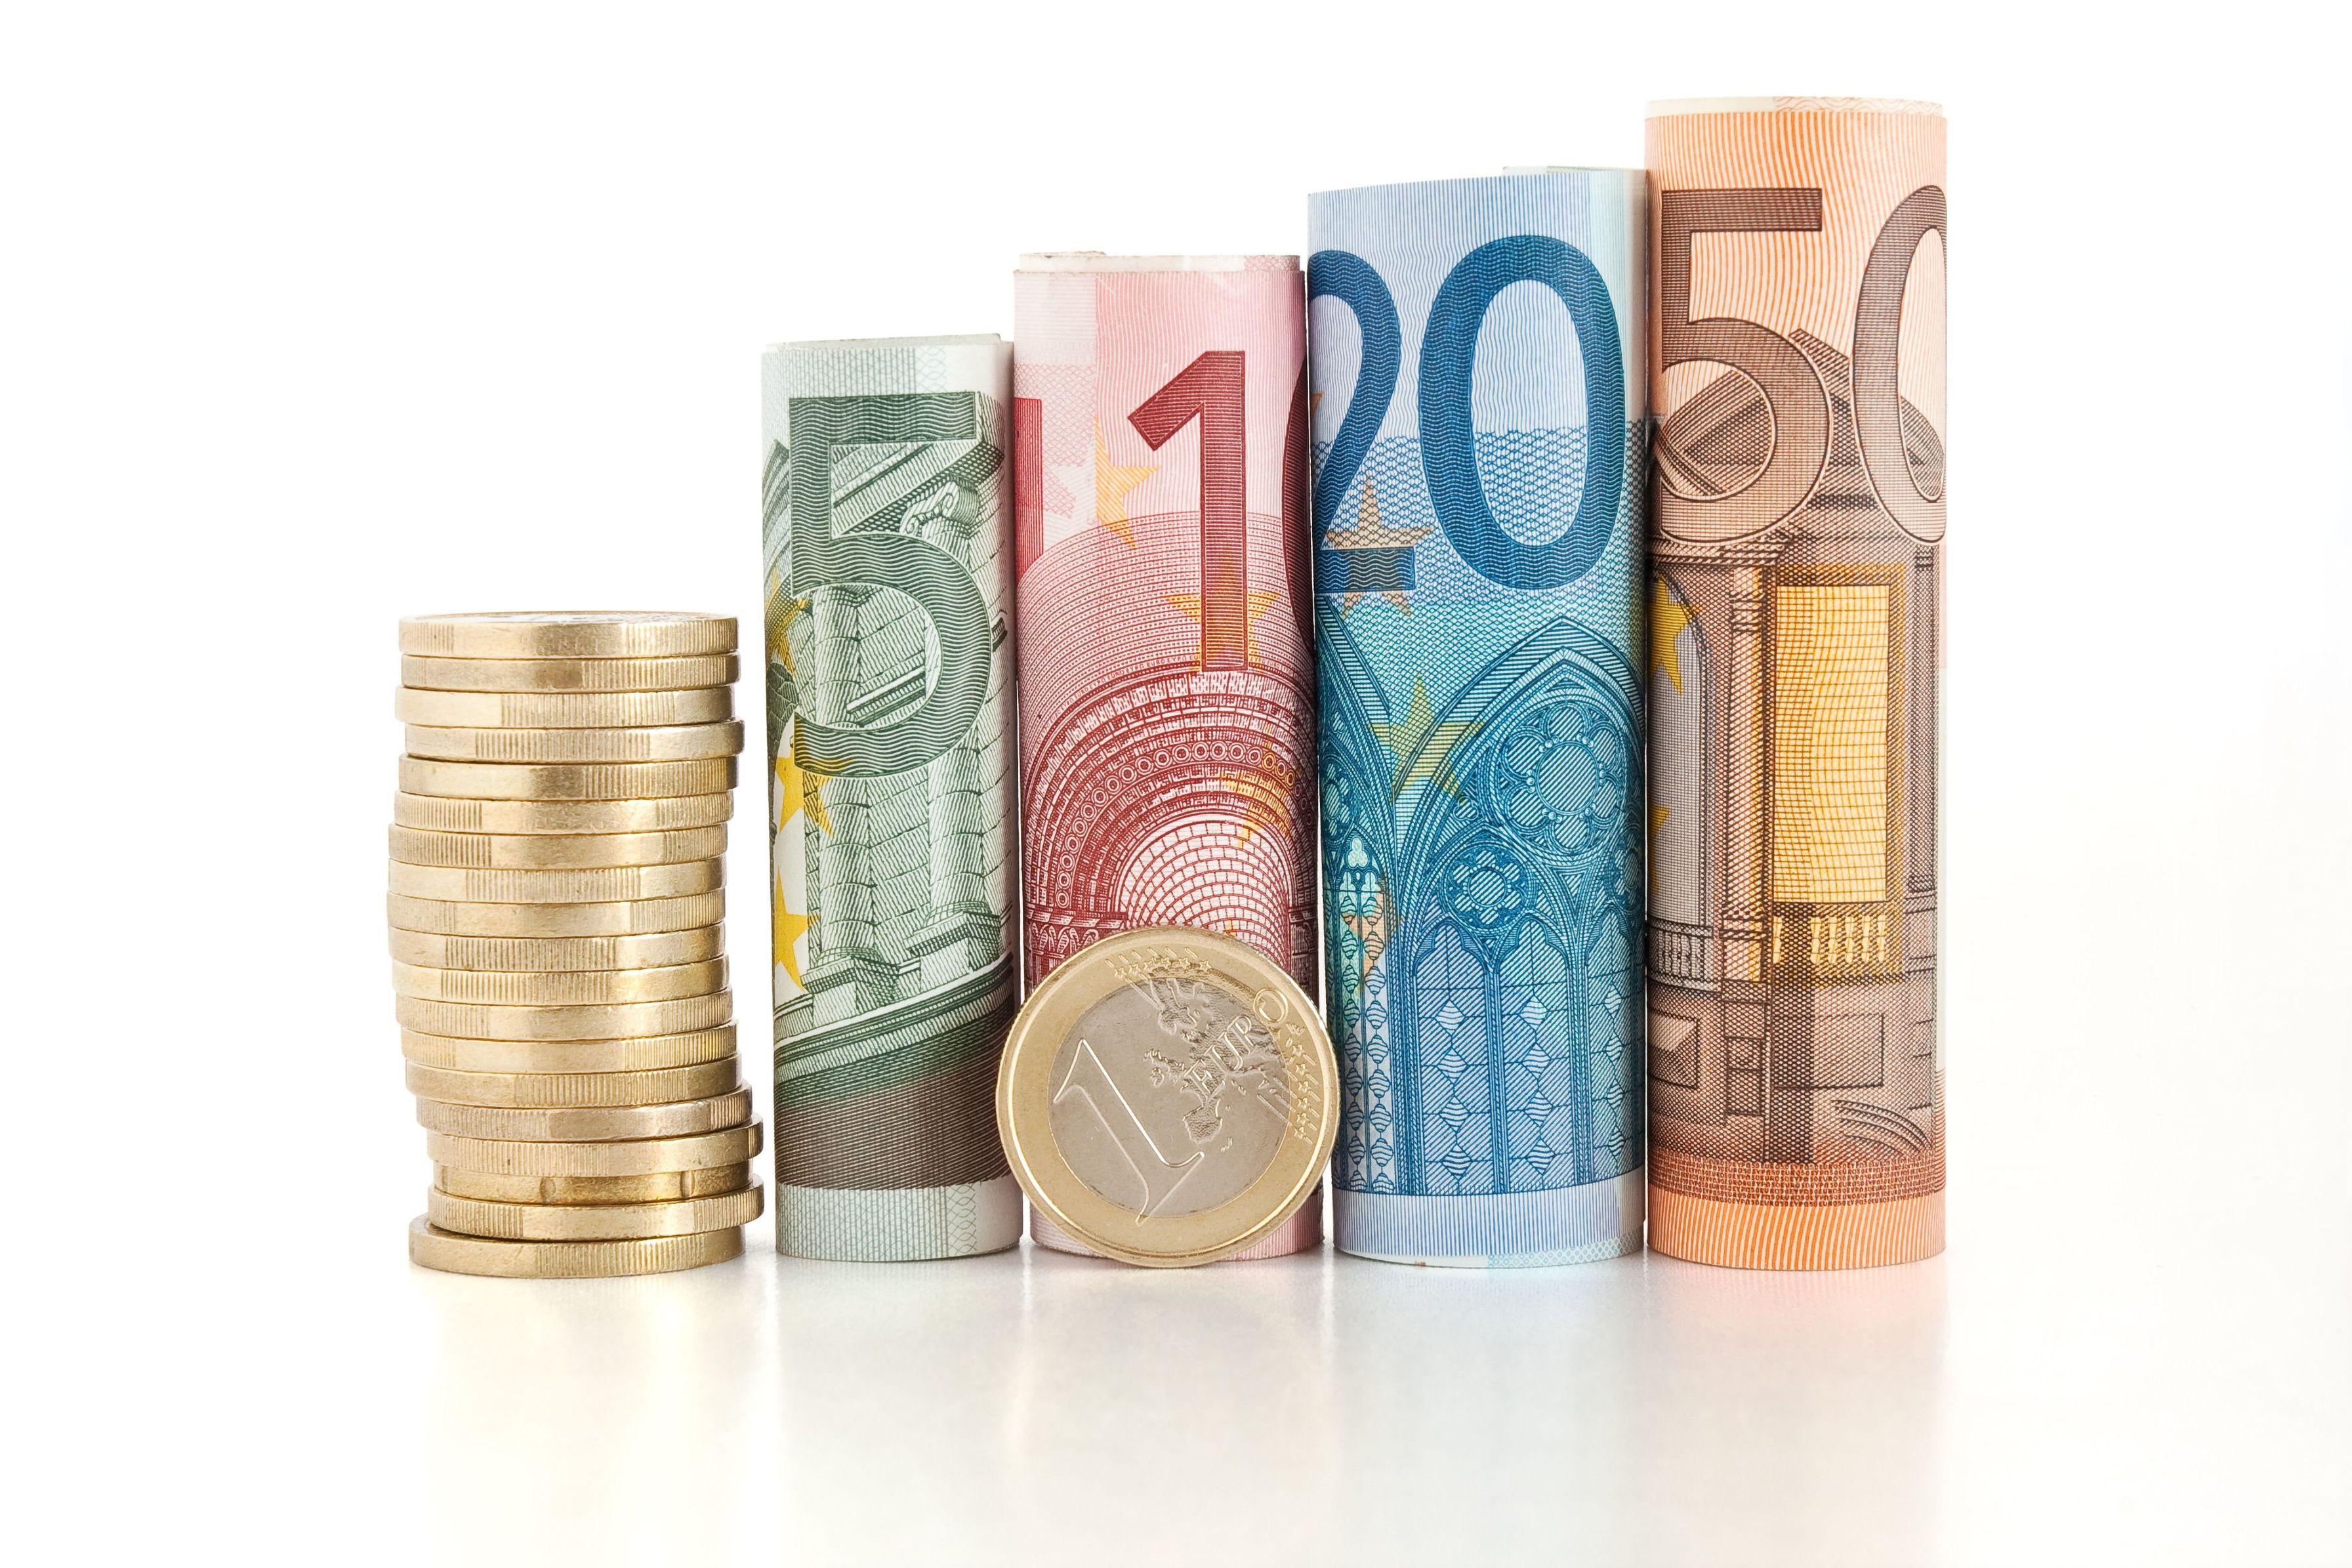 الأسهم الأوروبية تنهي تعاملات اليوم على نحوٍ إيجابي